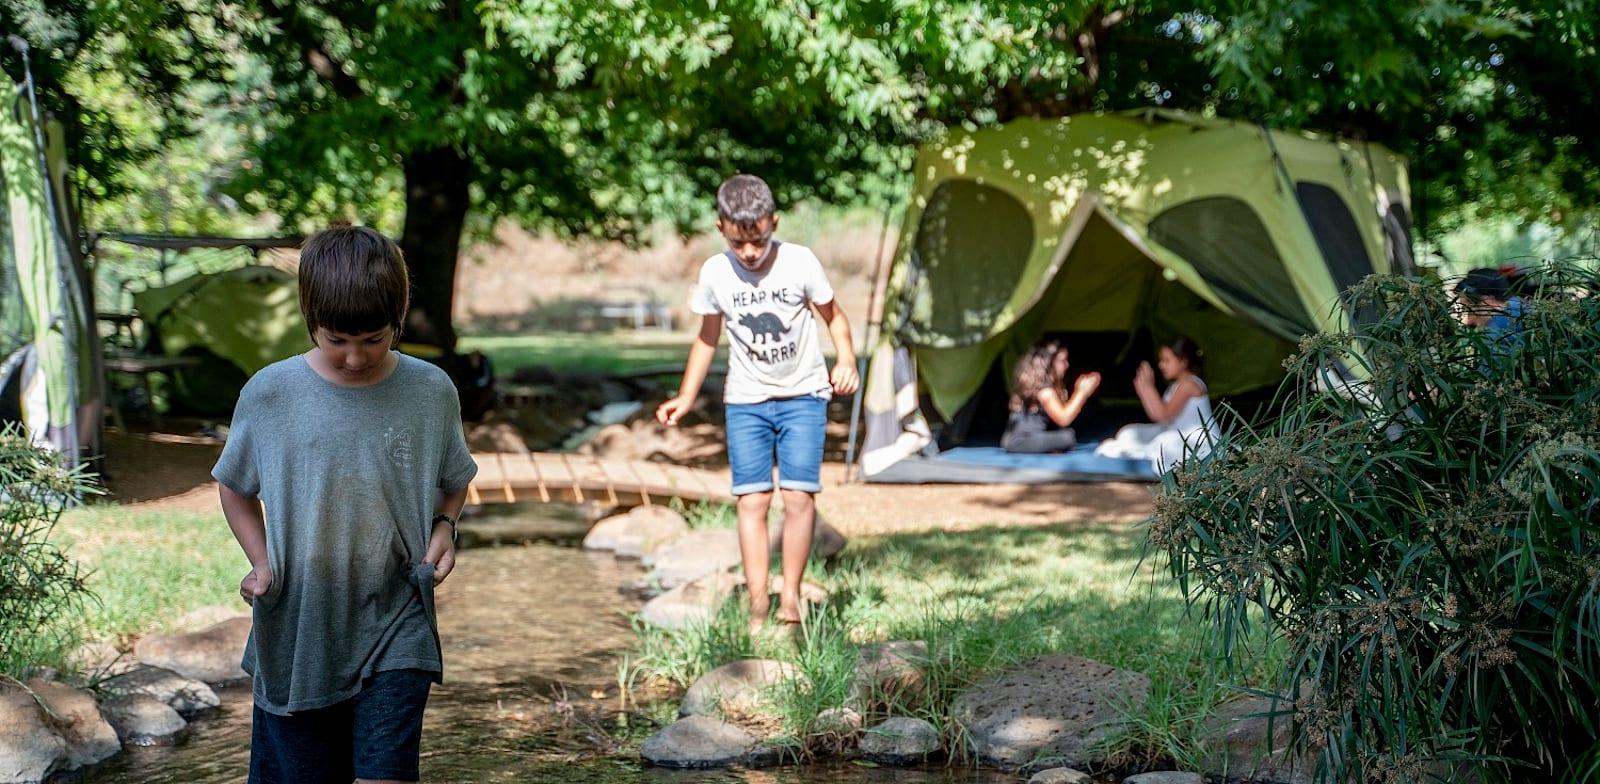 קמפינג על גדת הנחל / צילום: creat tv